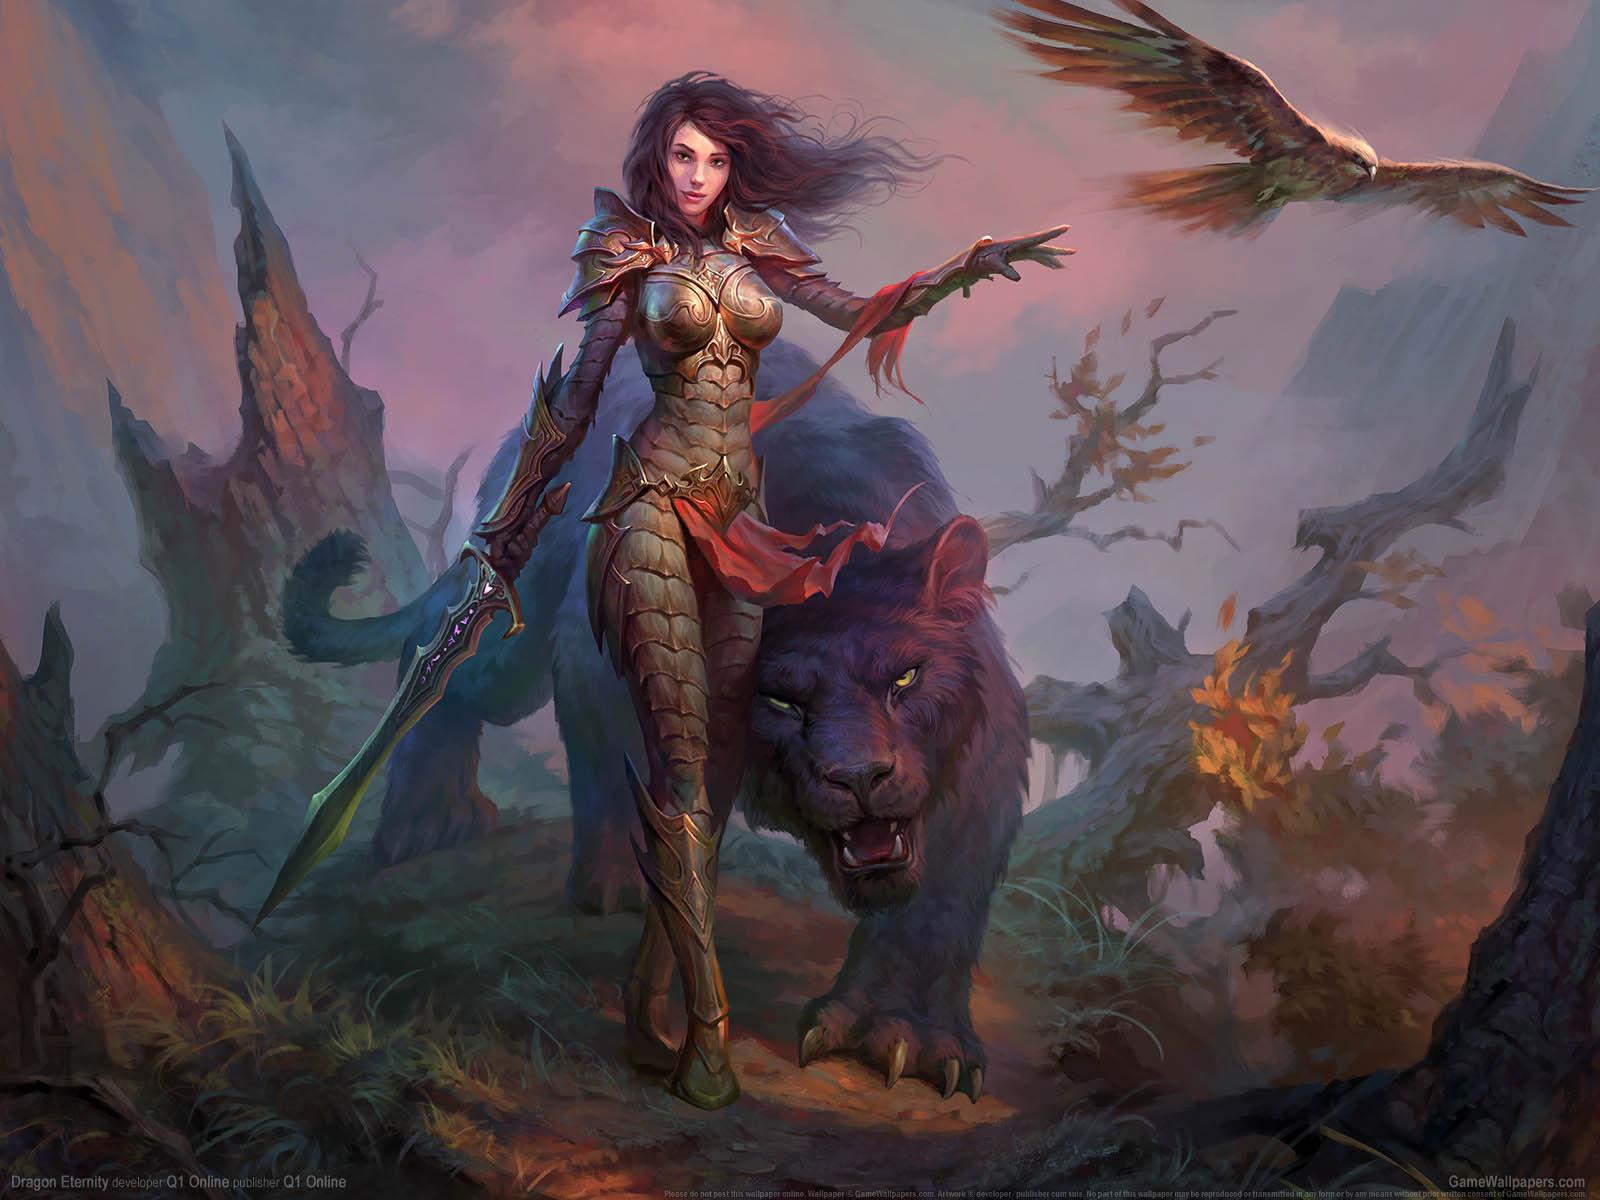 Dragon Eternityνmmer=09 achtergrond  1600x1200